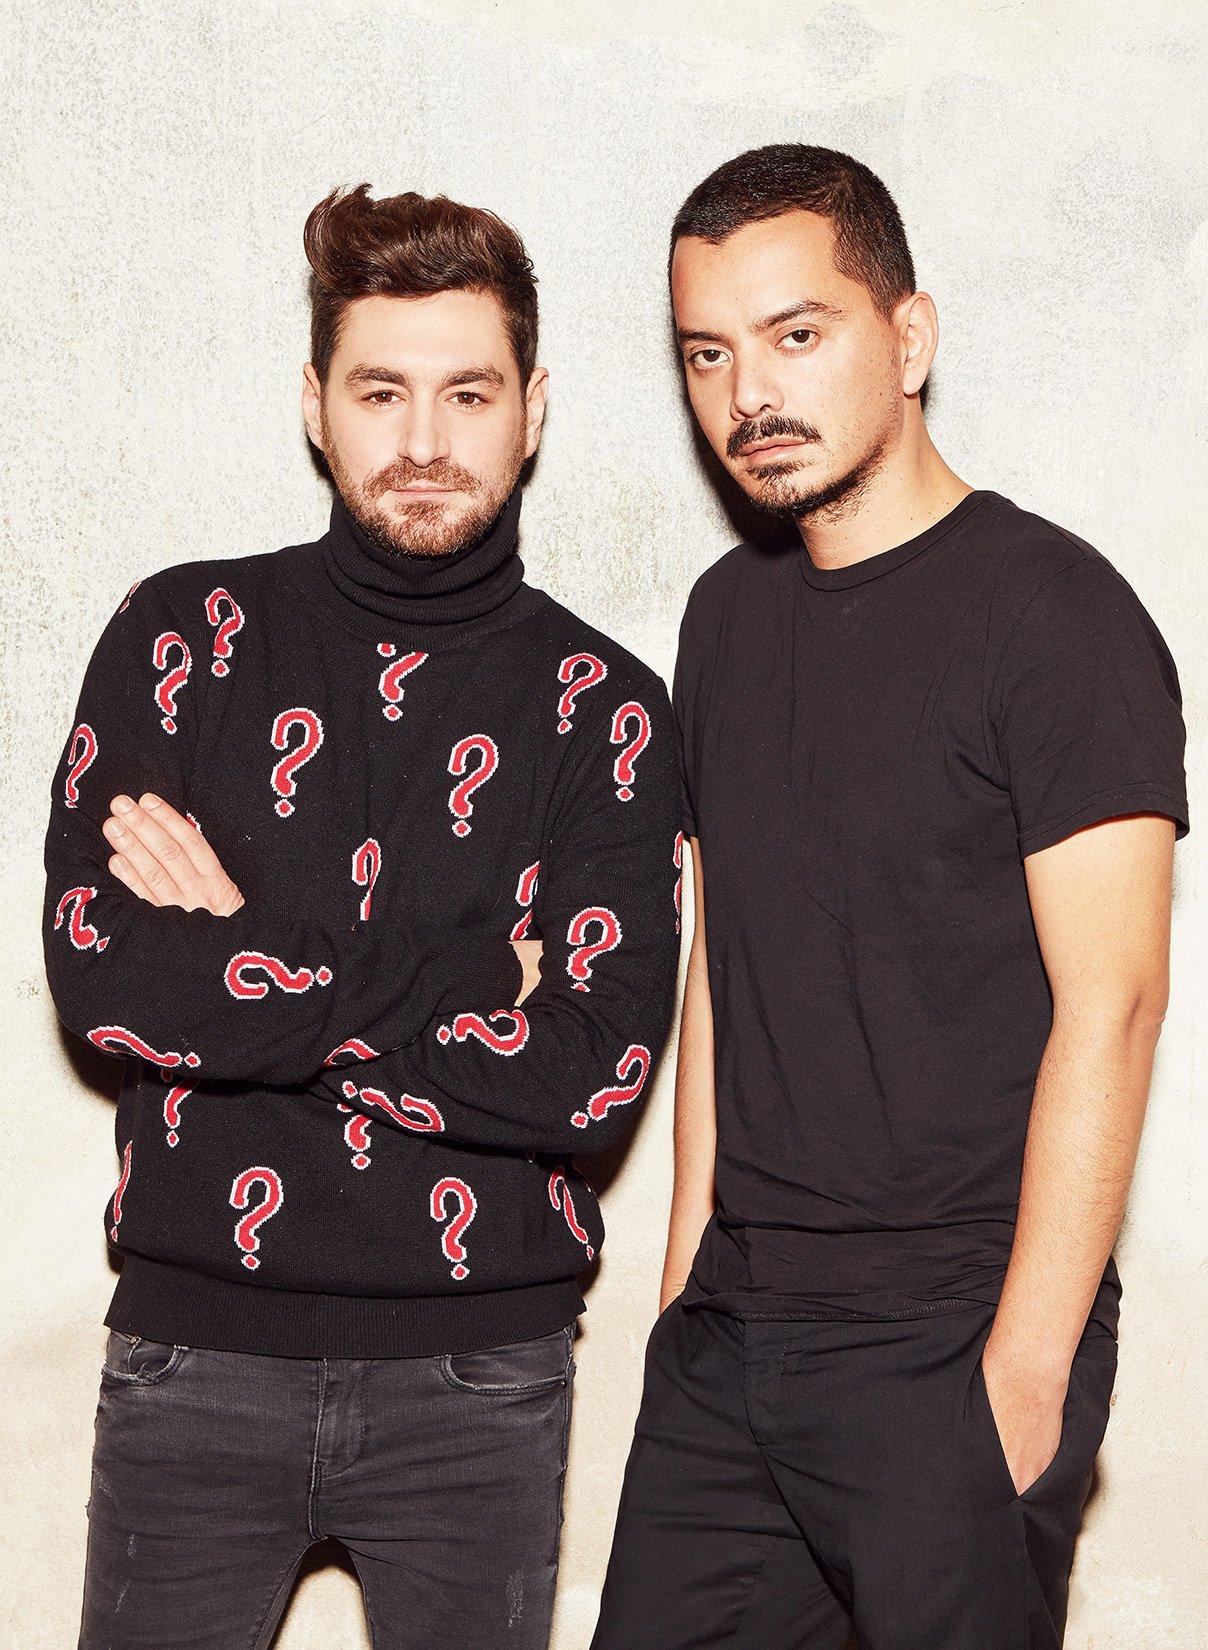 Mirko Fontana and Diego Marquez